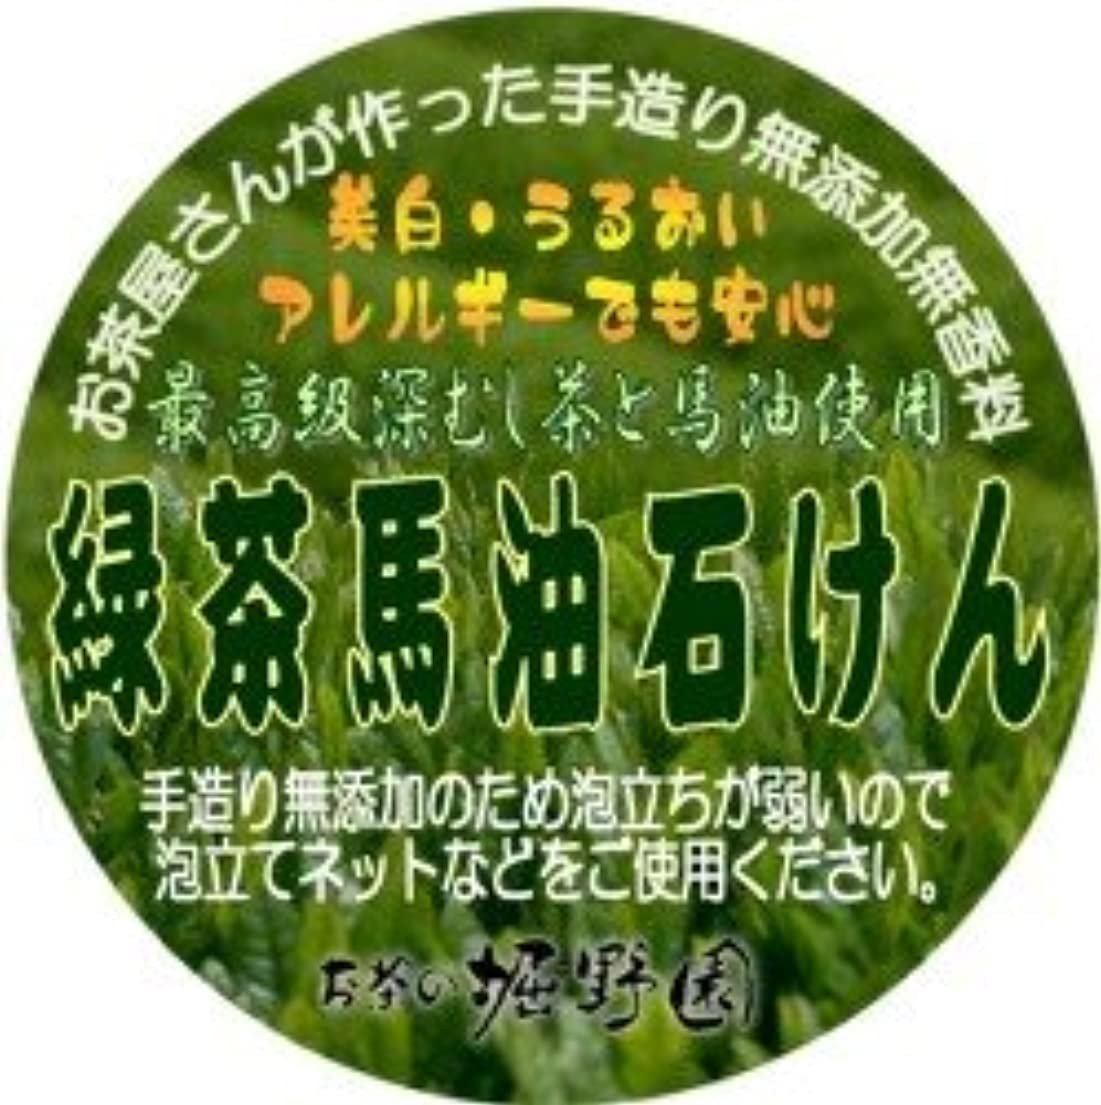 ビヨン化学者コーンウォール無添加無着色 緑茶馬油石けん(アトピー?弱肌の方のご愛用が非常に多い商品です)